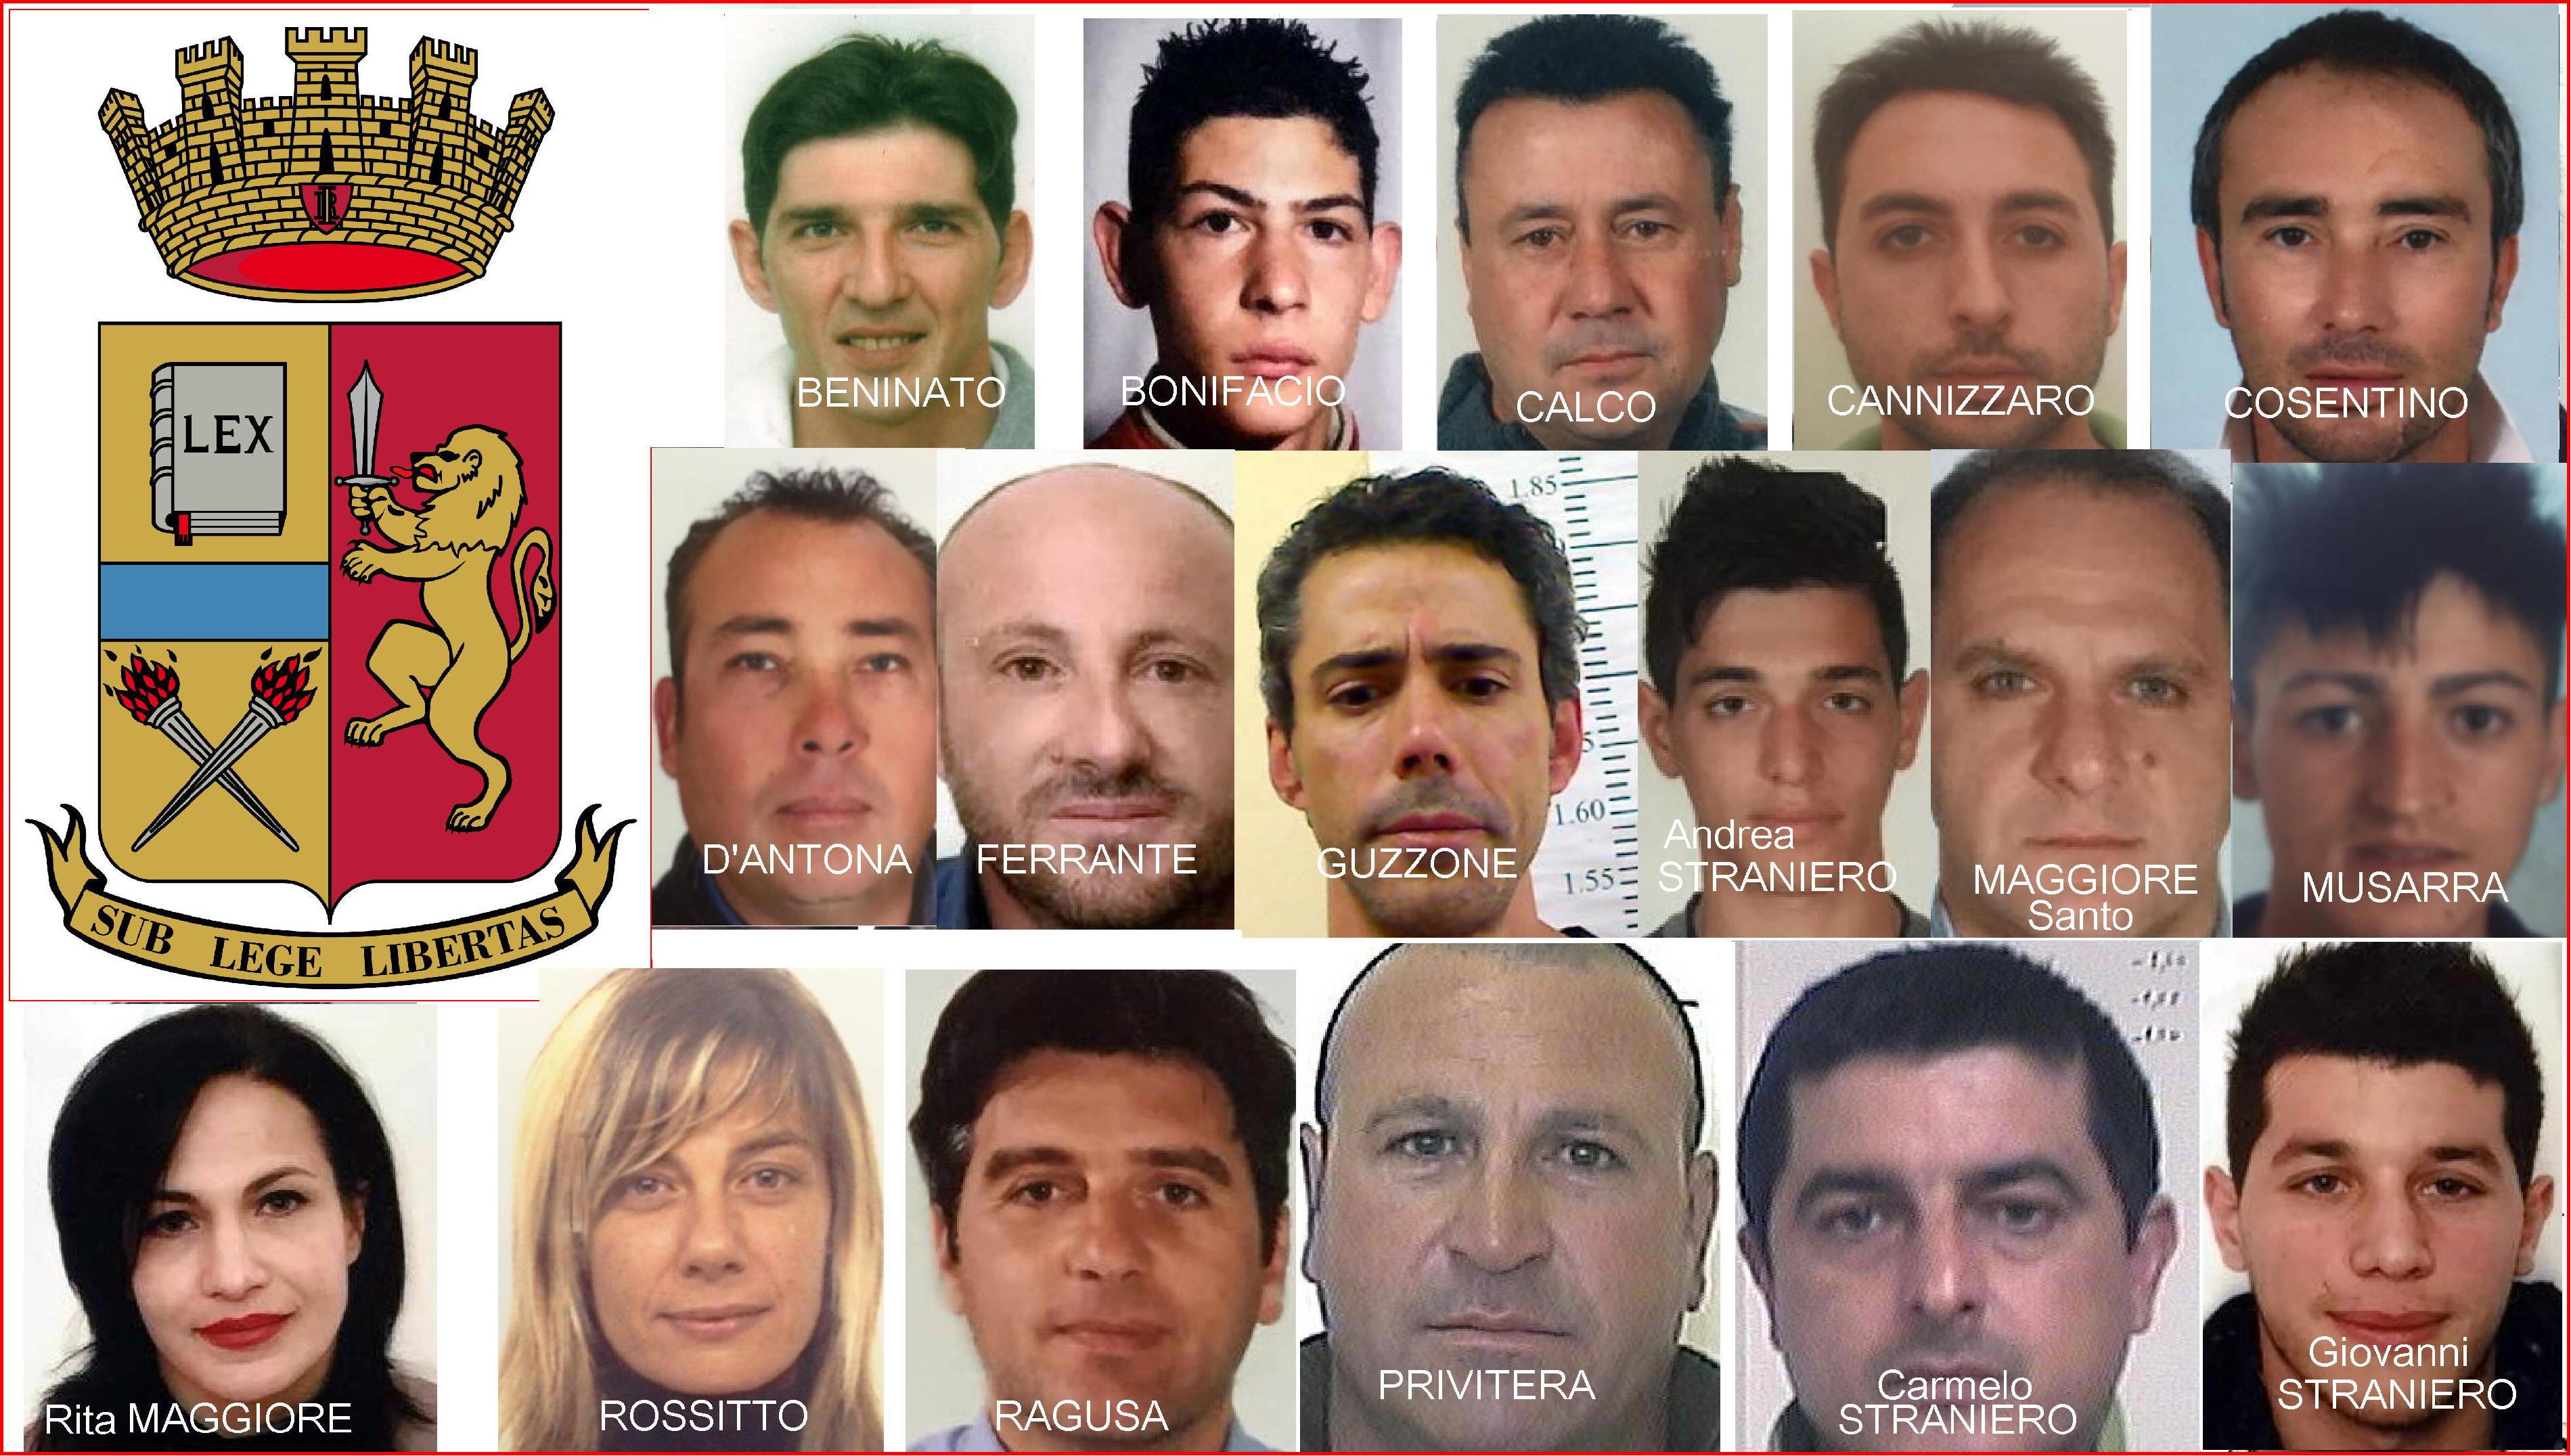 Traffico di droga a Catania, il gup condanna poliziotto e carabiniere